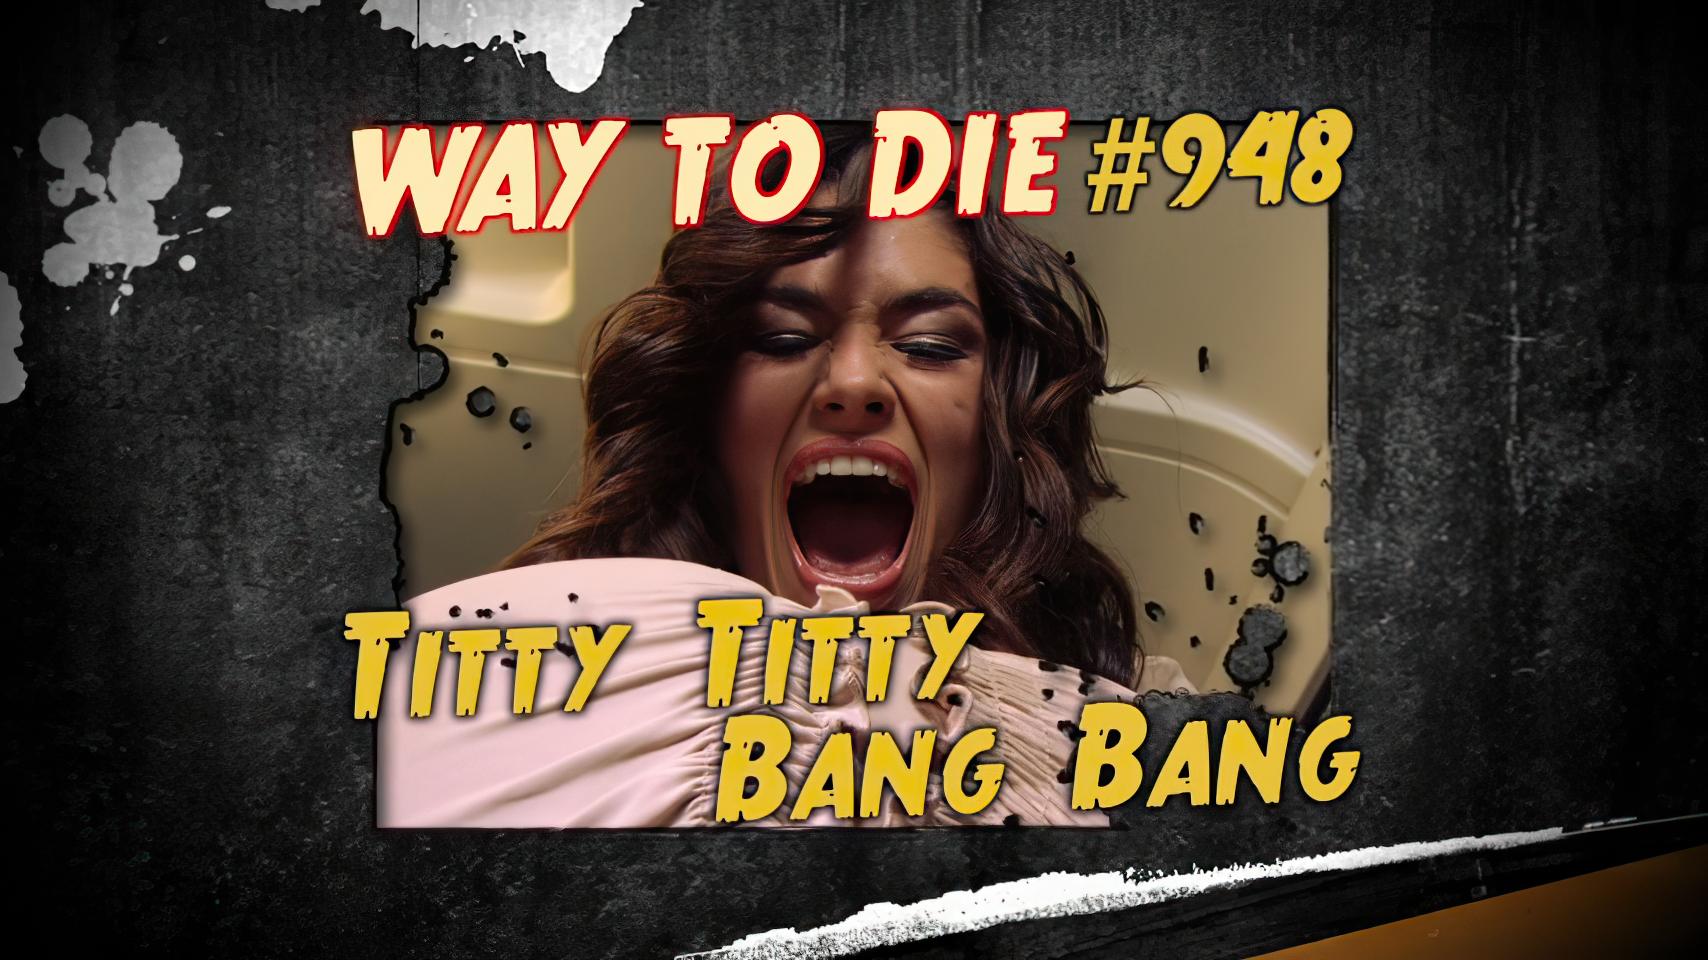 File:Titty Titty Bang Bang.png